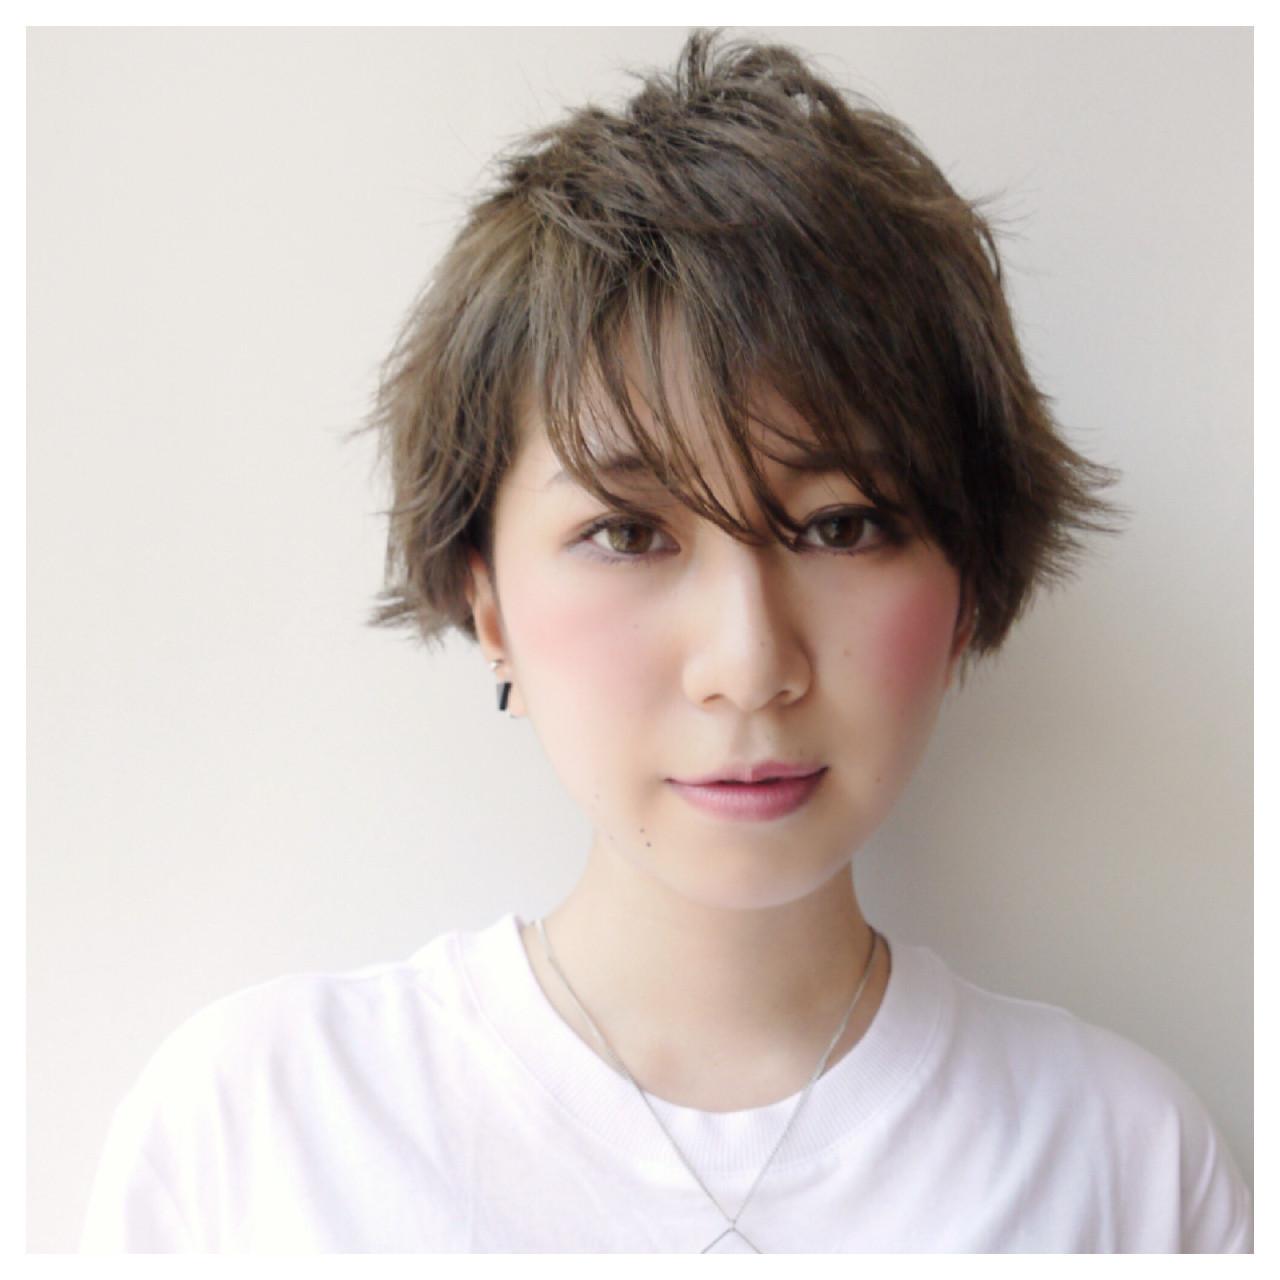 アッシュ 透明感 秋 ショート ヘアスタイルや髪型の写真・画像